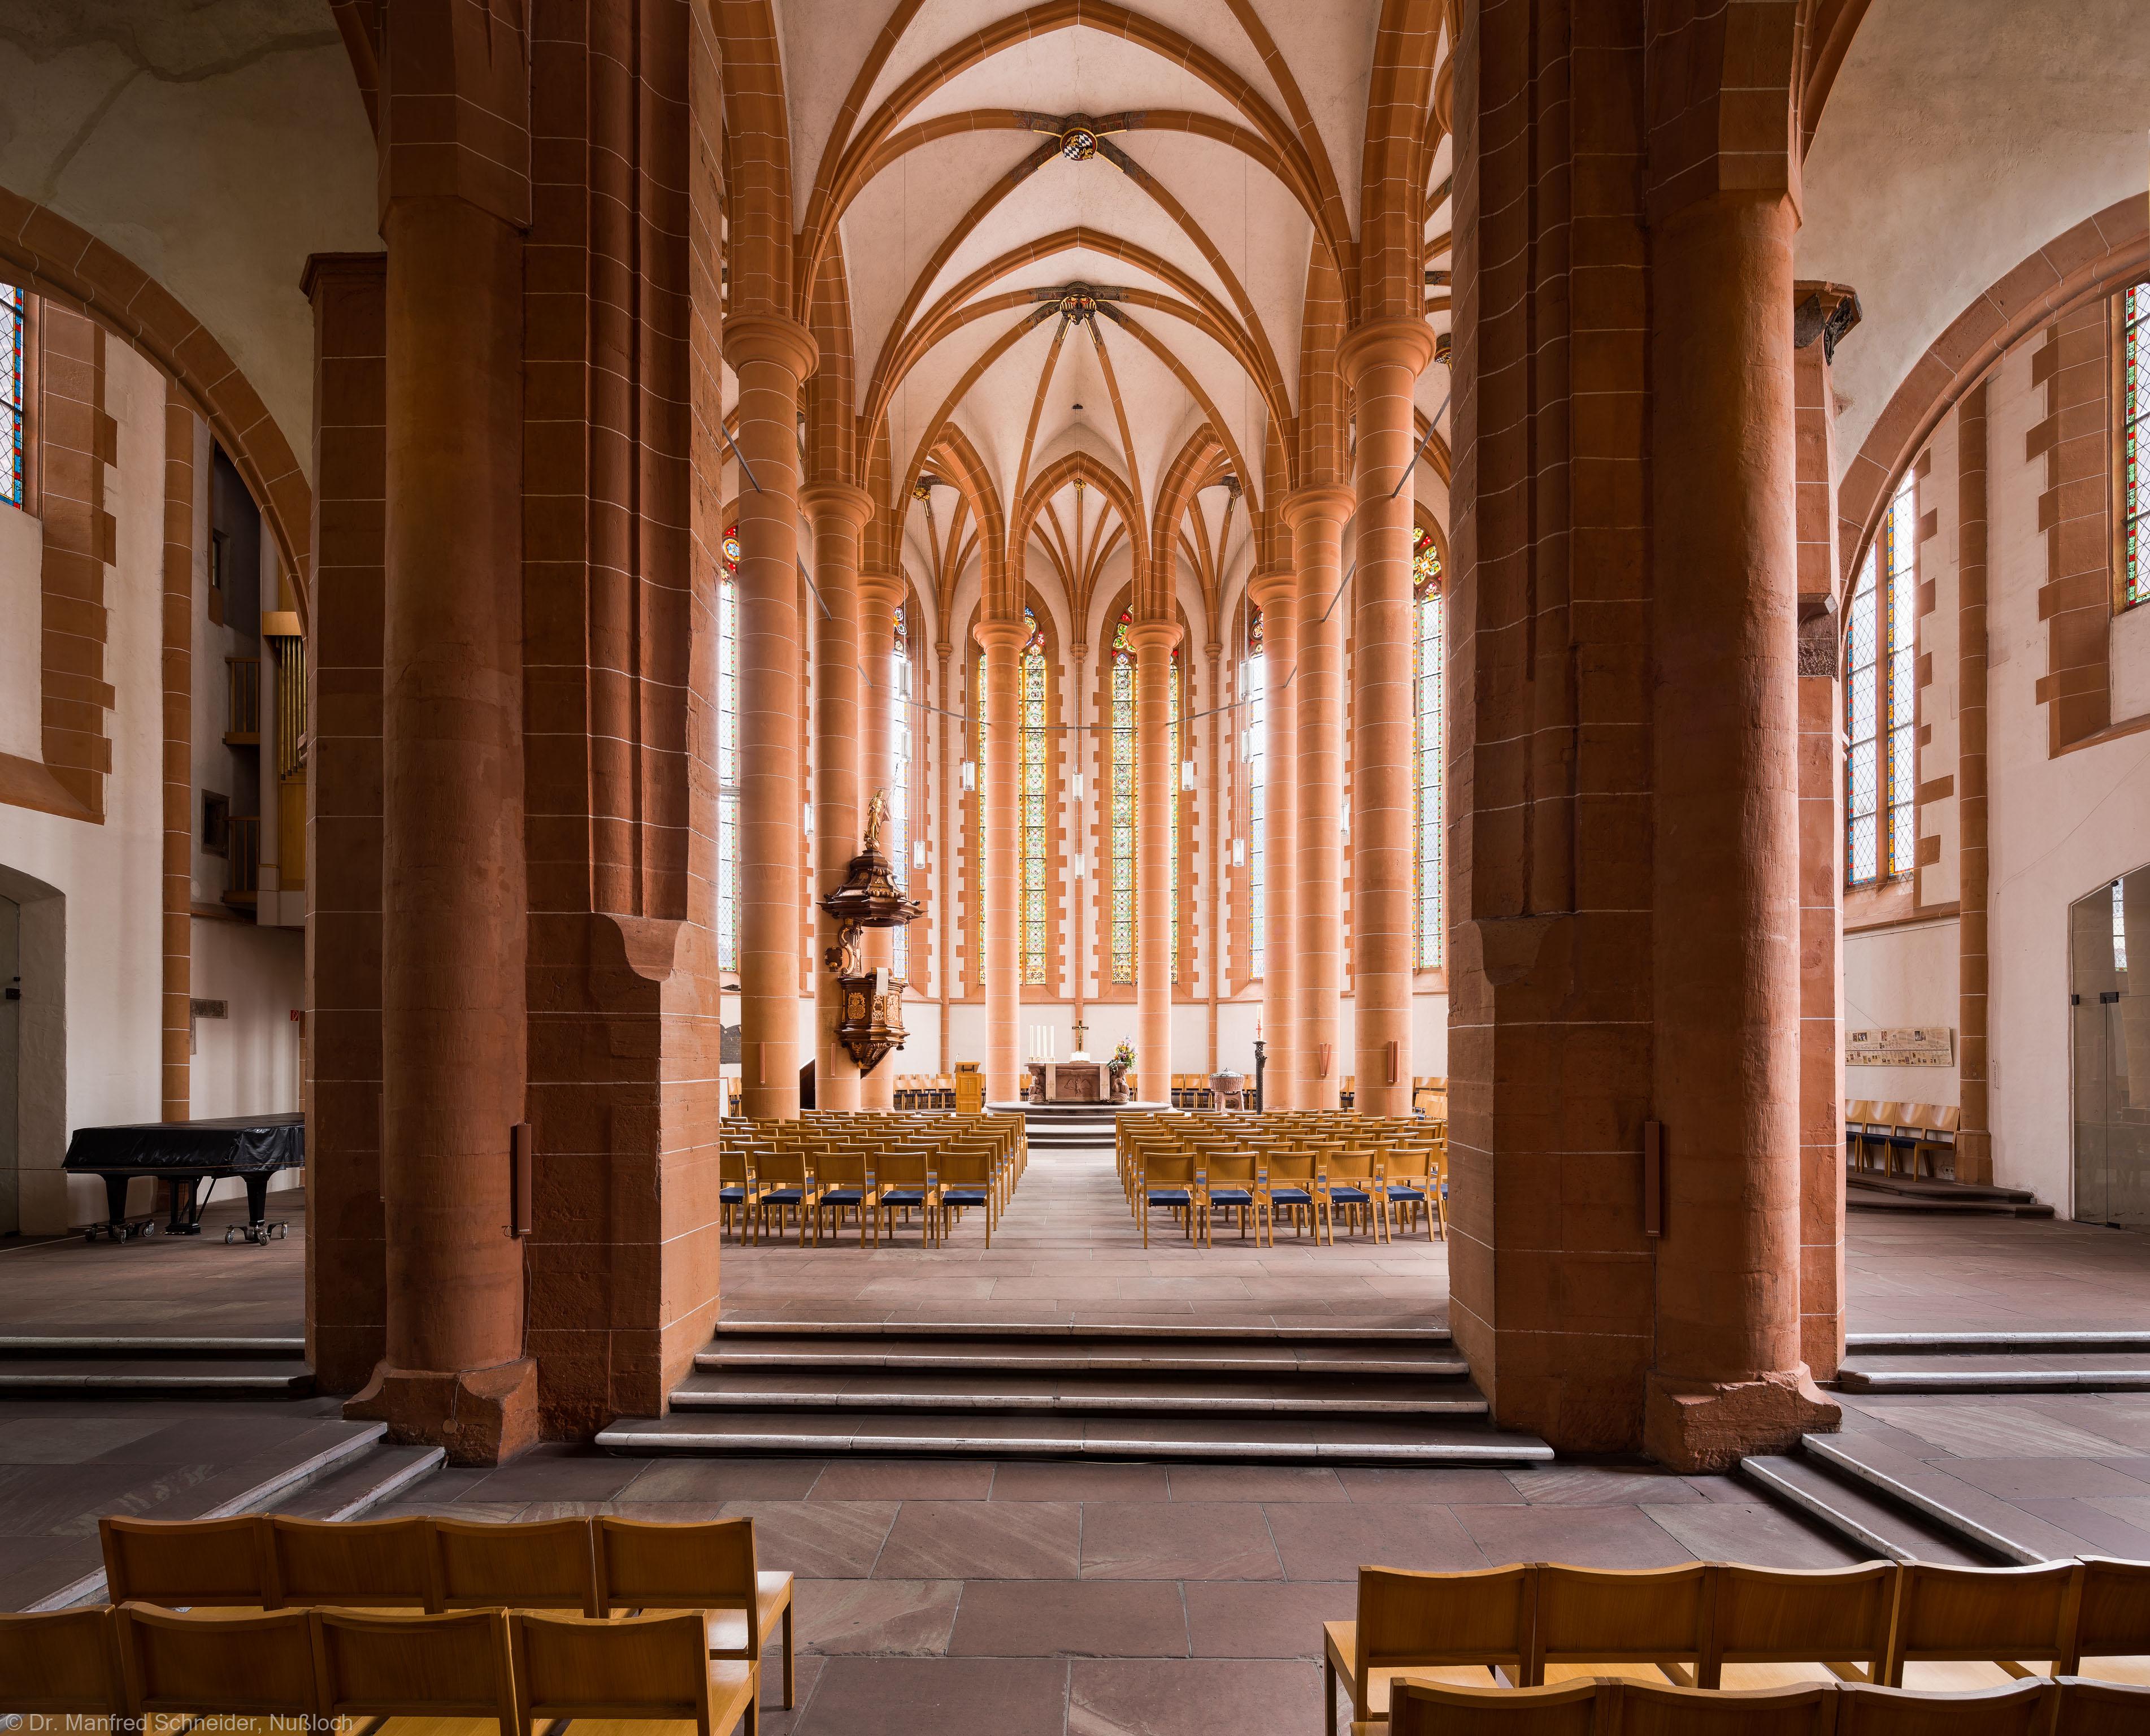 Heidelberg - Heiliggeistkirche - Triumphbogenpfeiler - Blick vom Mittelschiff auf den Triumphbogenpfeiler und in den Chor (aufgenommen im April 2013, am späten Vormittag)